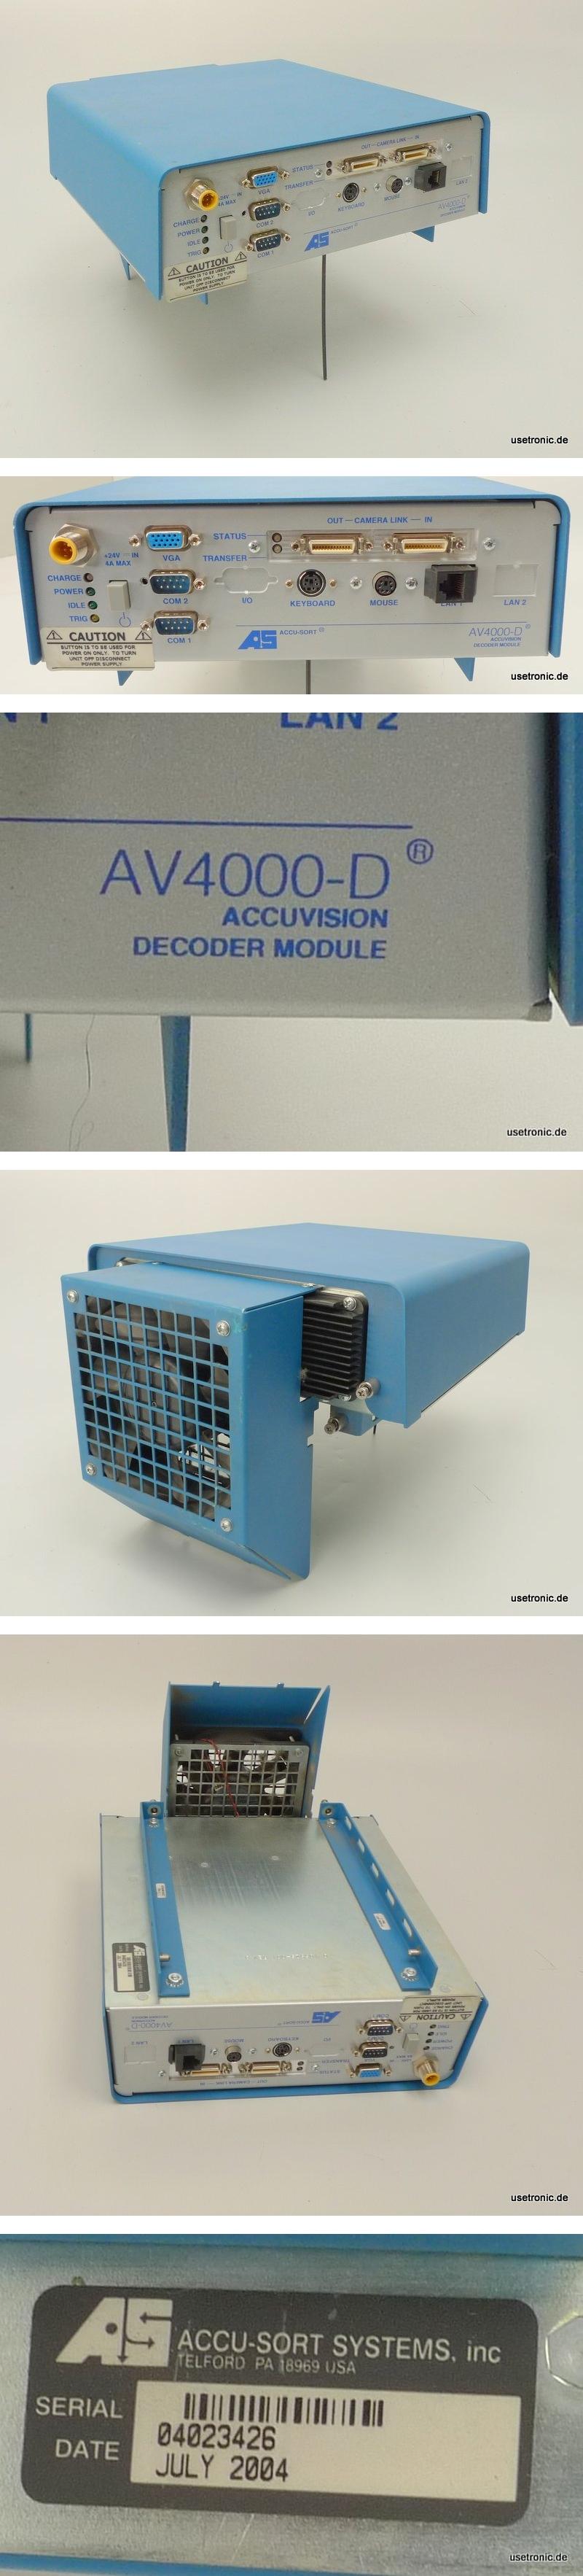 AS Accu-Sort Accuvision AV4000-D Decoder Module